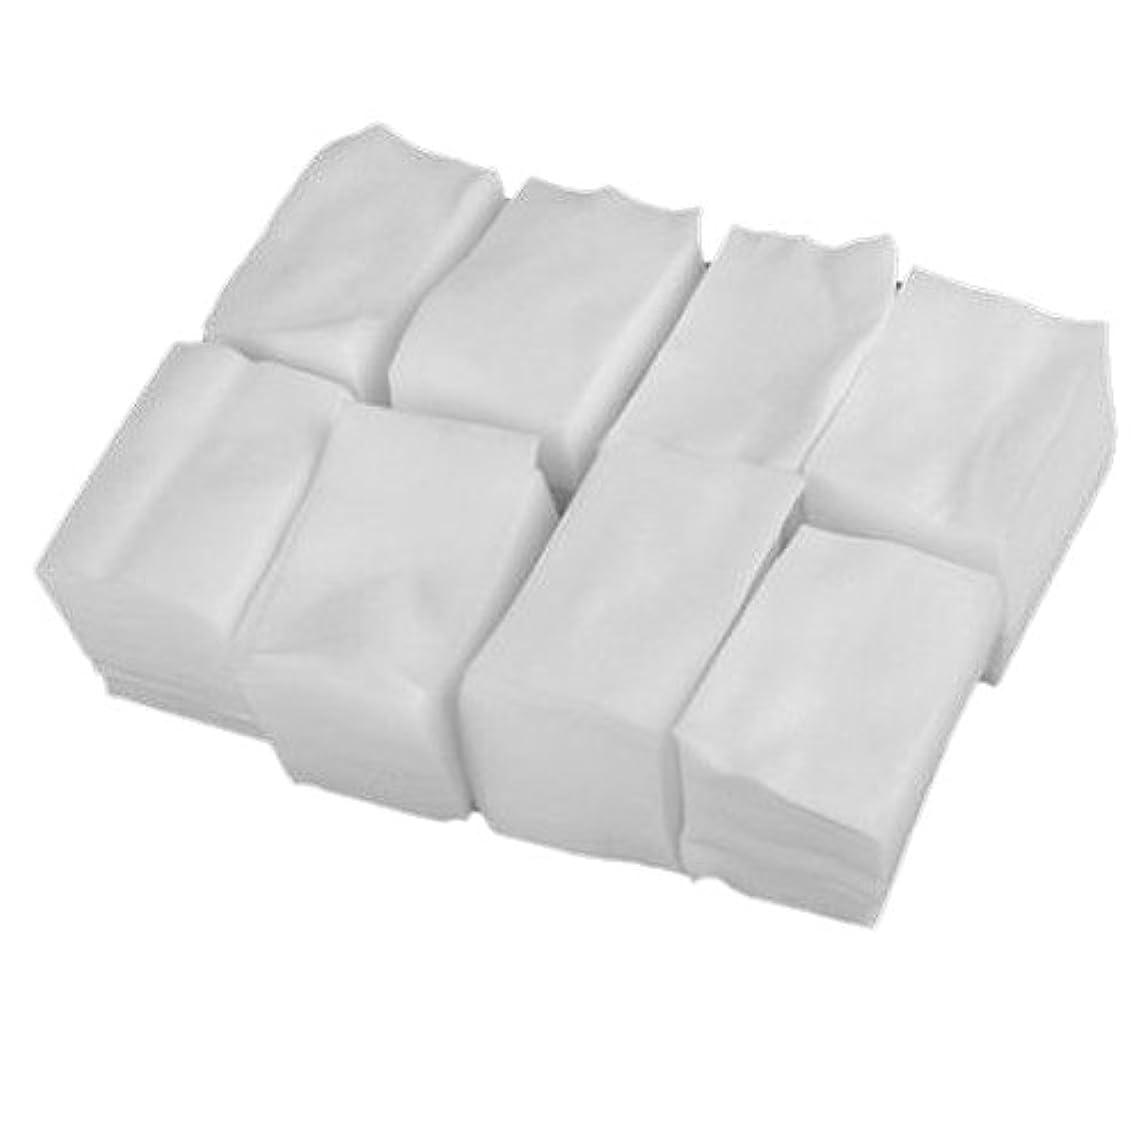 ブロッサムモネ想起SODIAL 900x白いリントフリーネイルアート ワイプ紙パッド ゲルアクリルのヒント ポリッシュリムーバークリーナー(6cm x 5cm)